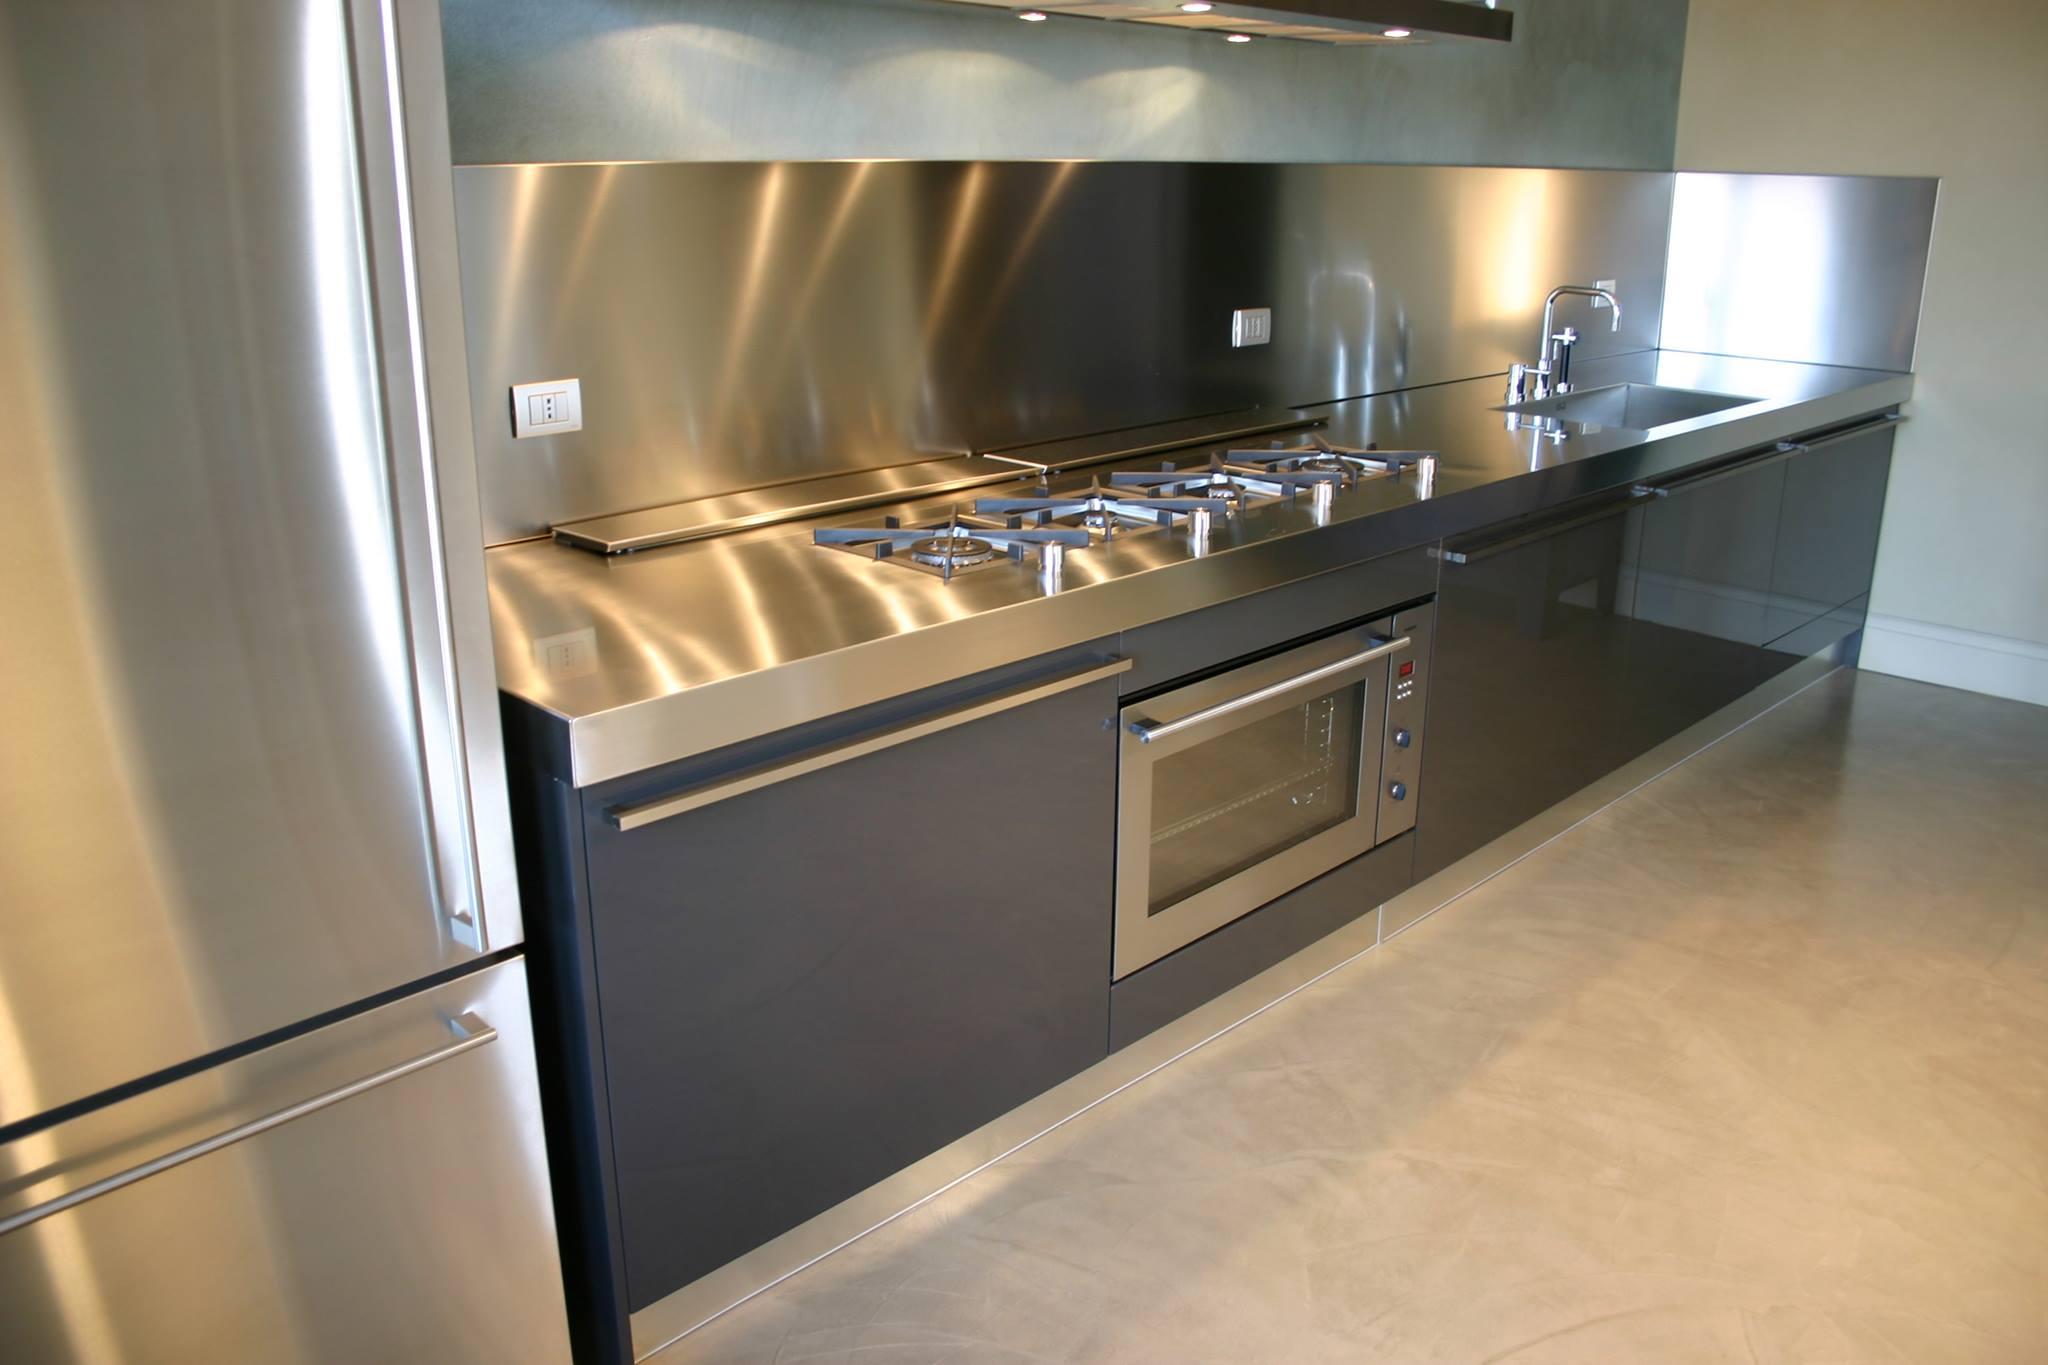 Exnova fabbrica cucine e arredo bagno sartoriale e di - Cucine direttamente dalla fabbrica ...